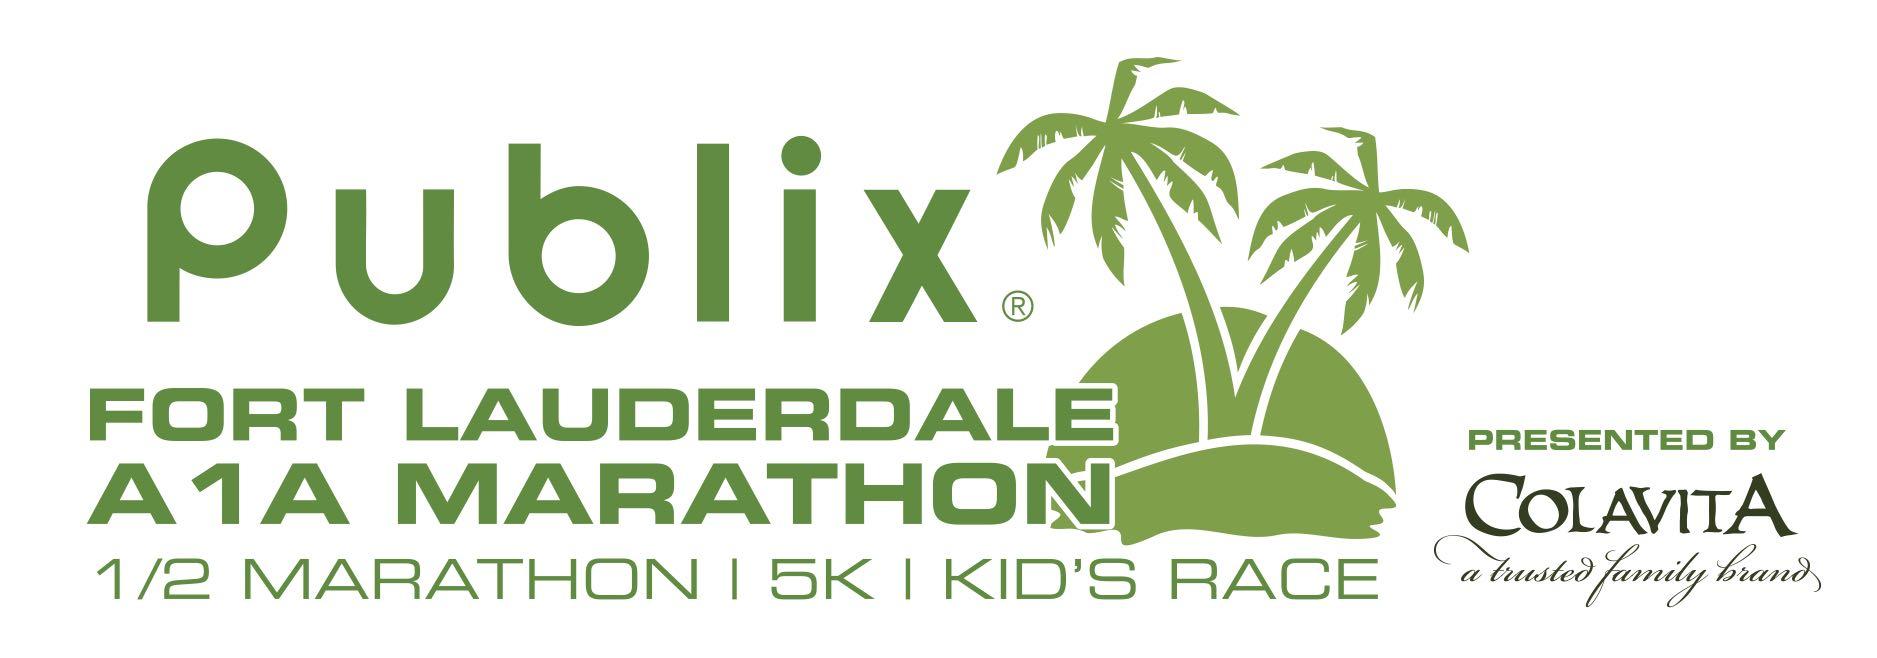 Publix Fort Lauderdale A1A Marathon & Half Marathon  Logo